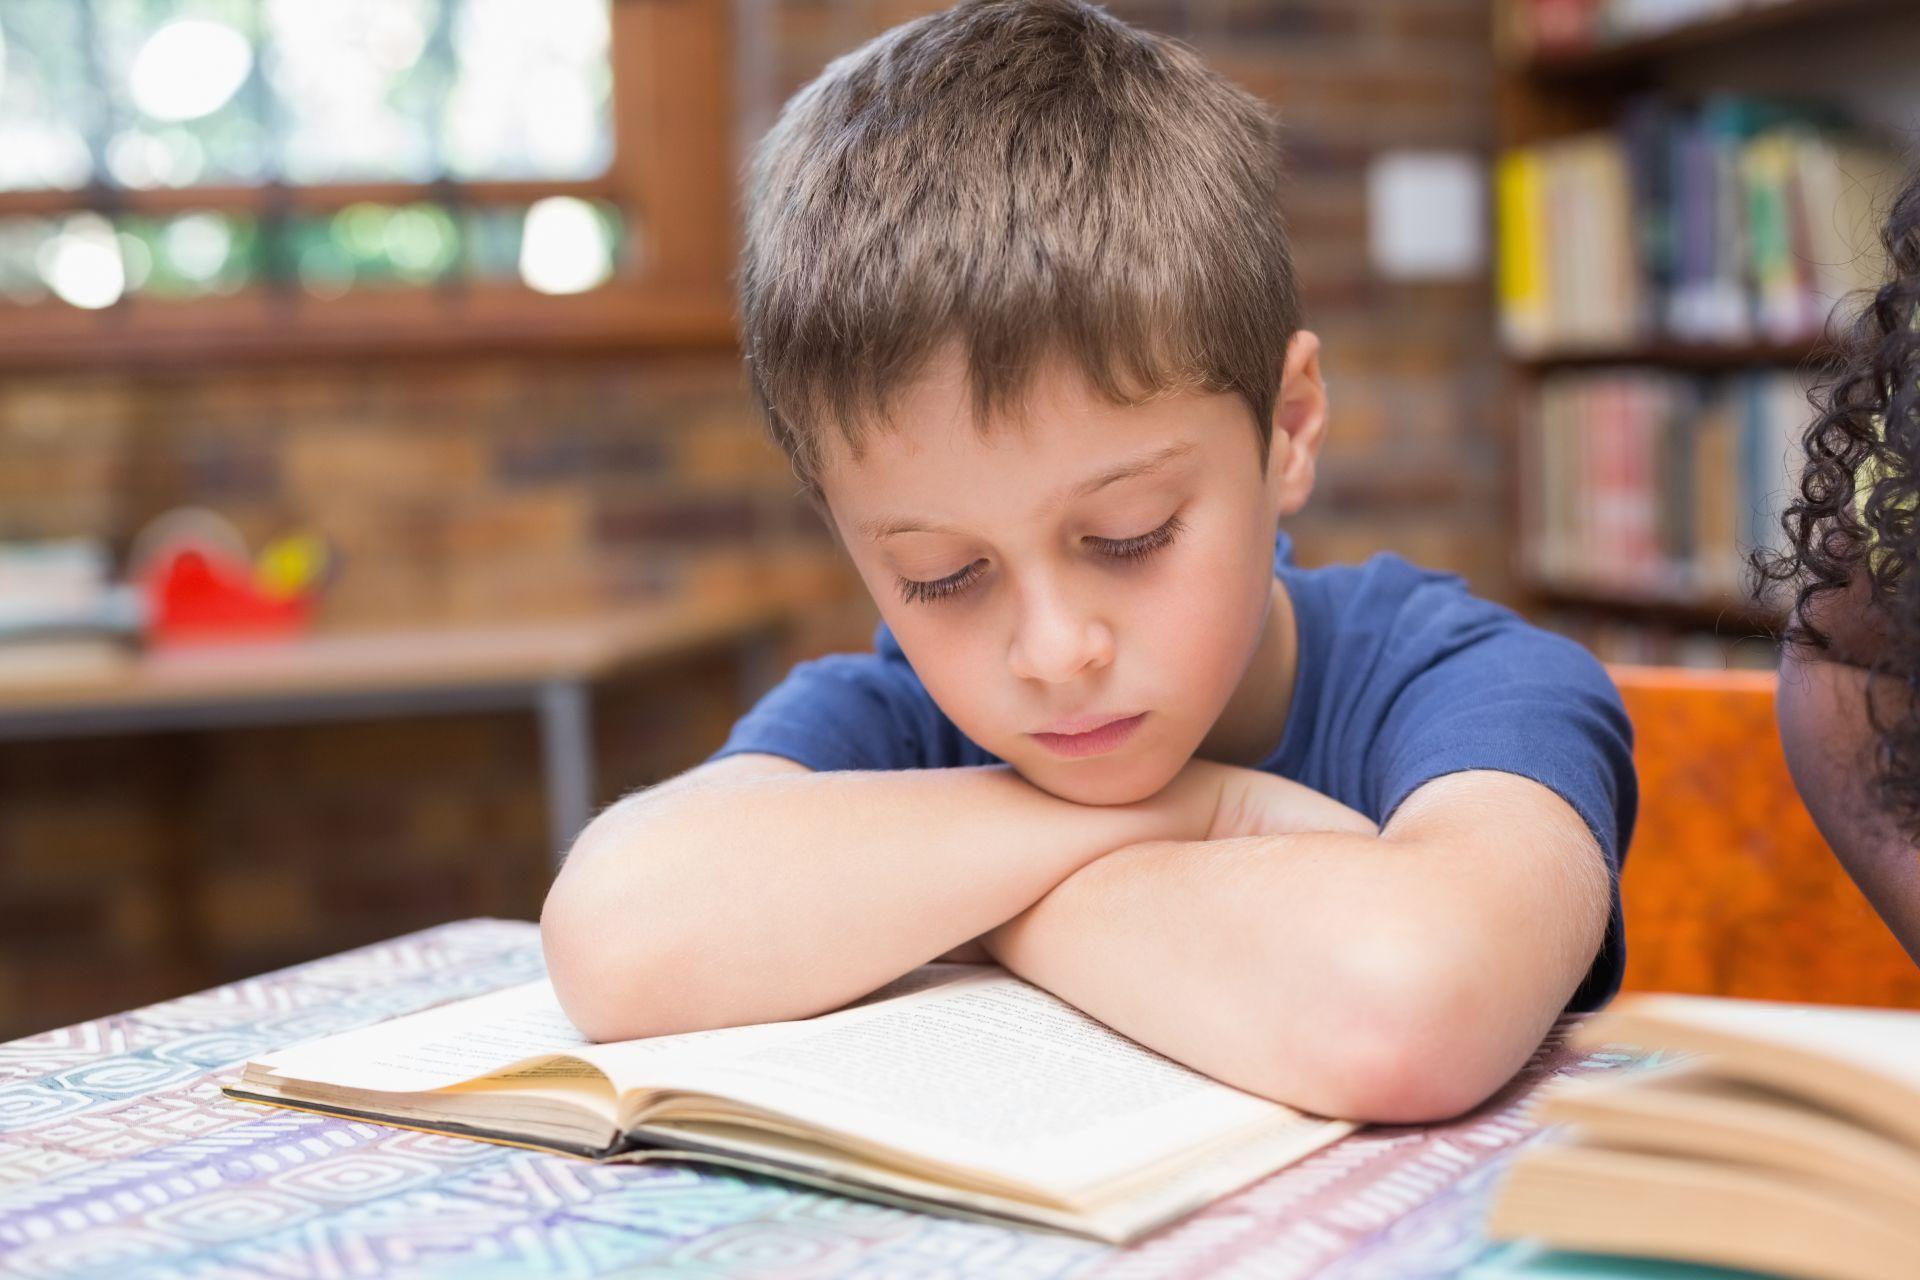 psyykkinen kehitys kouluiässä